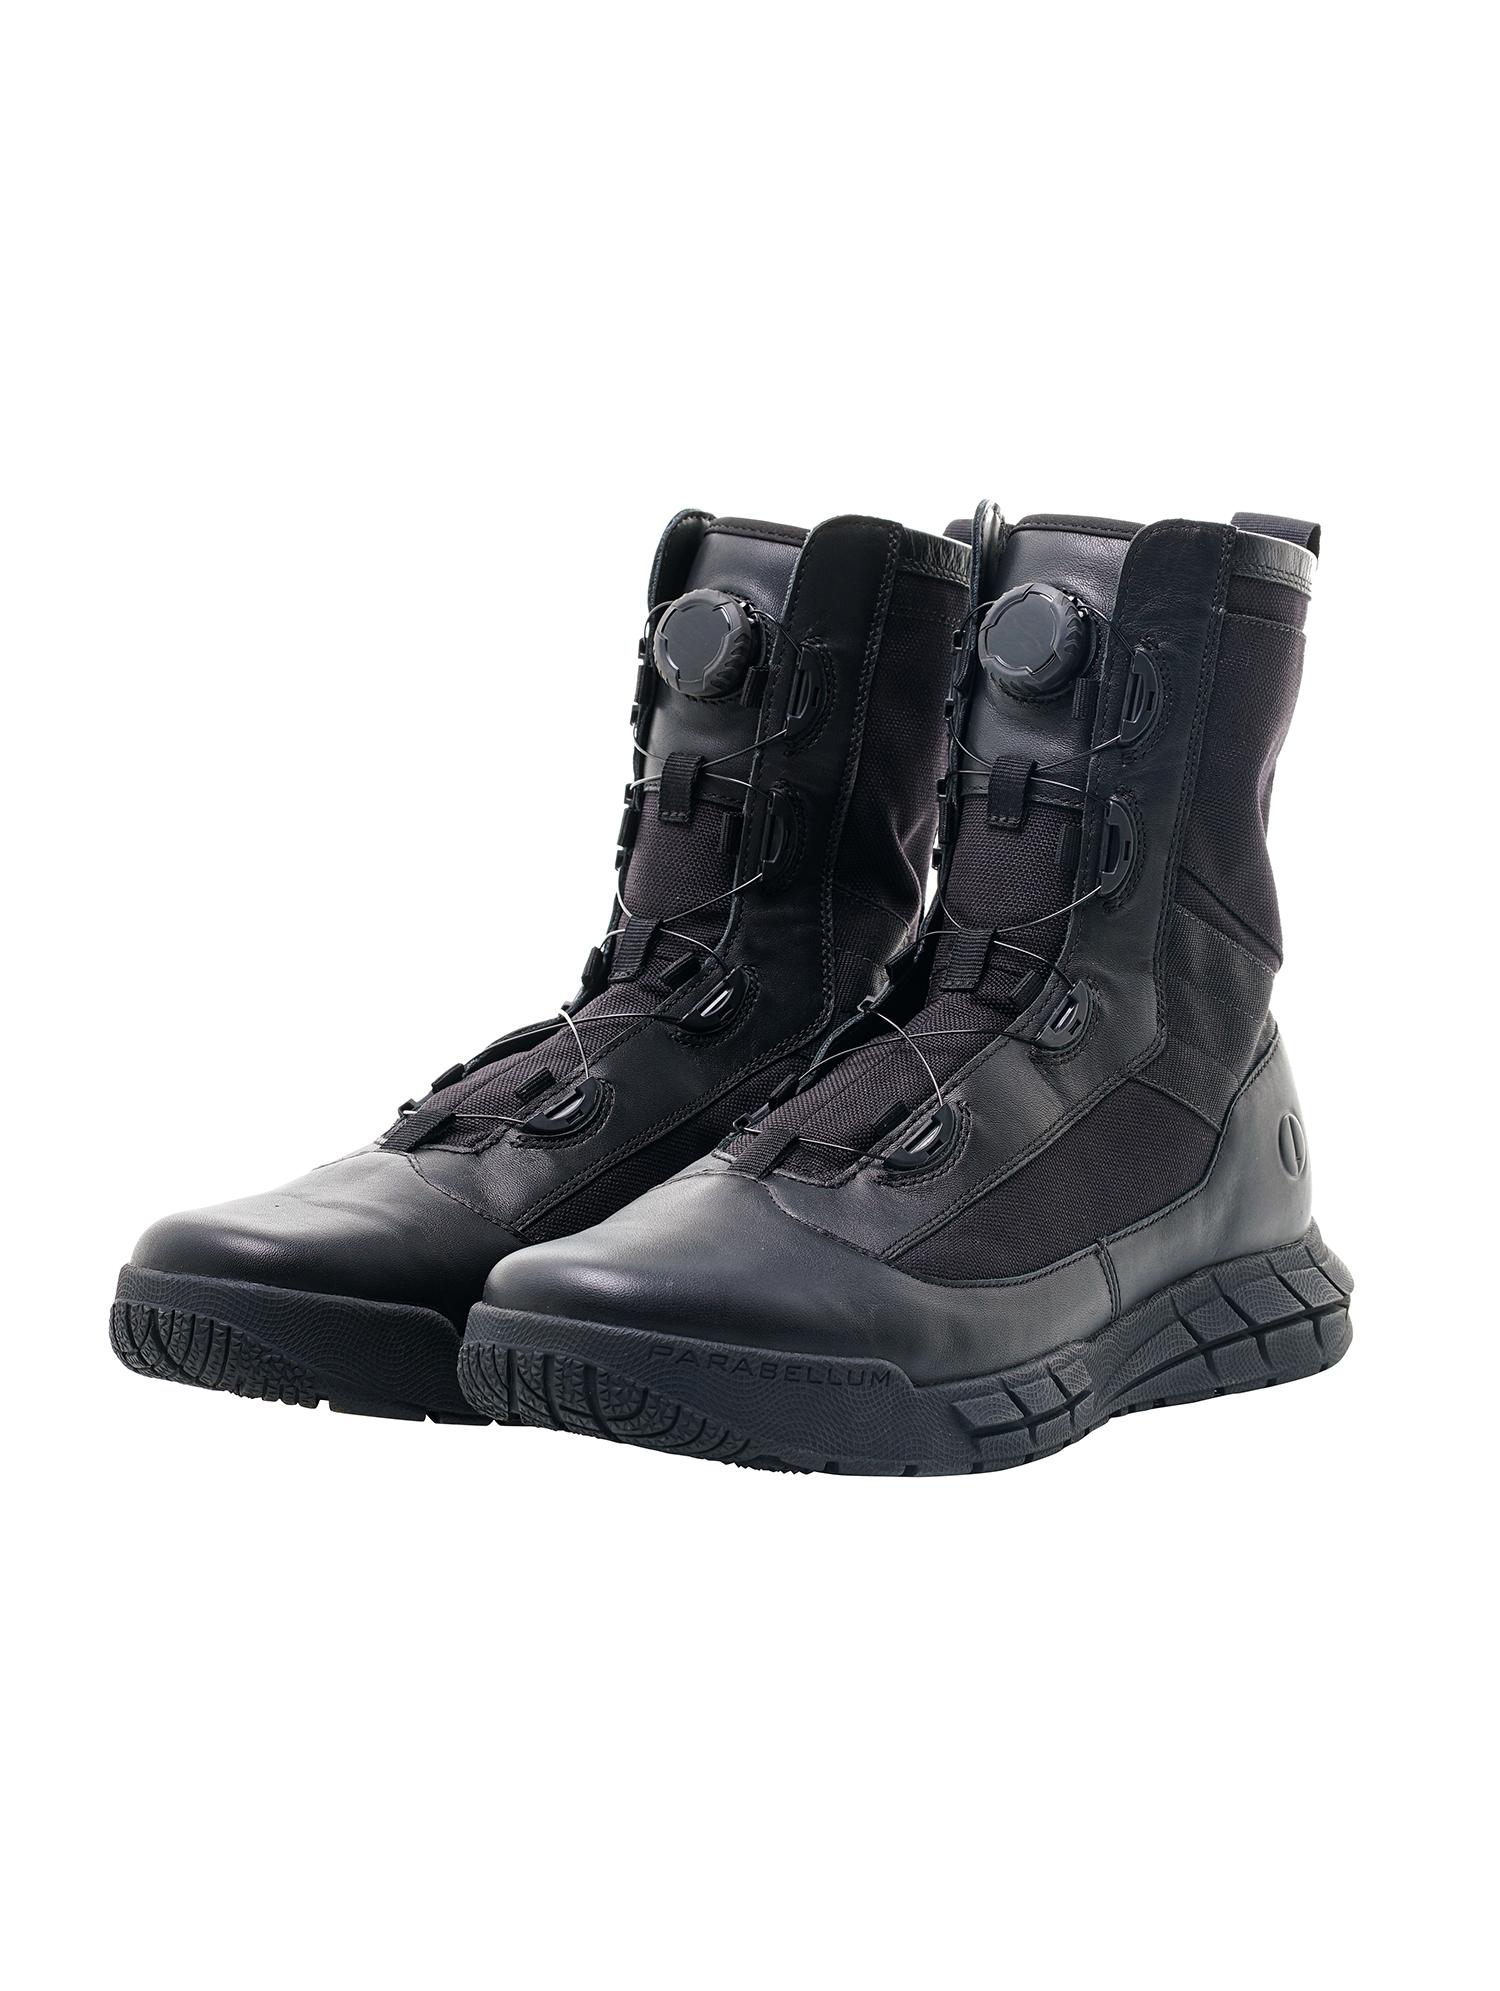 Parabellum Indonesia Sepatu boots, Sepatu tempur